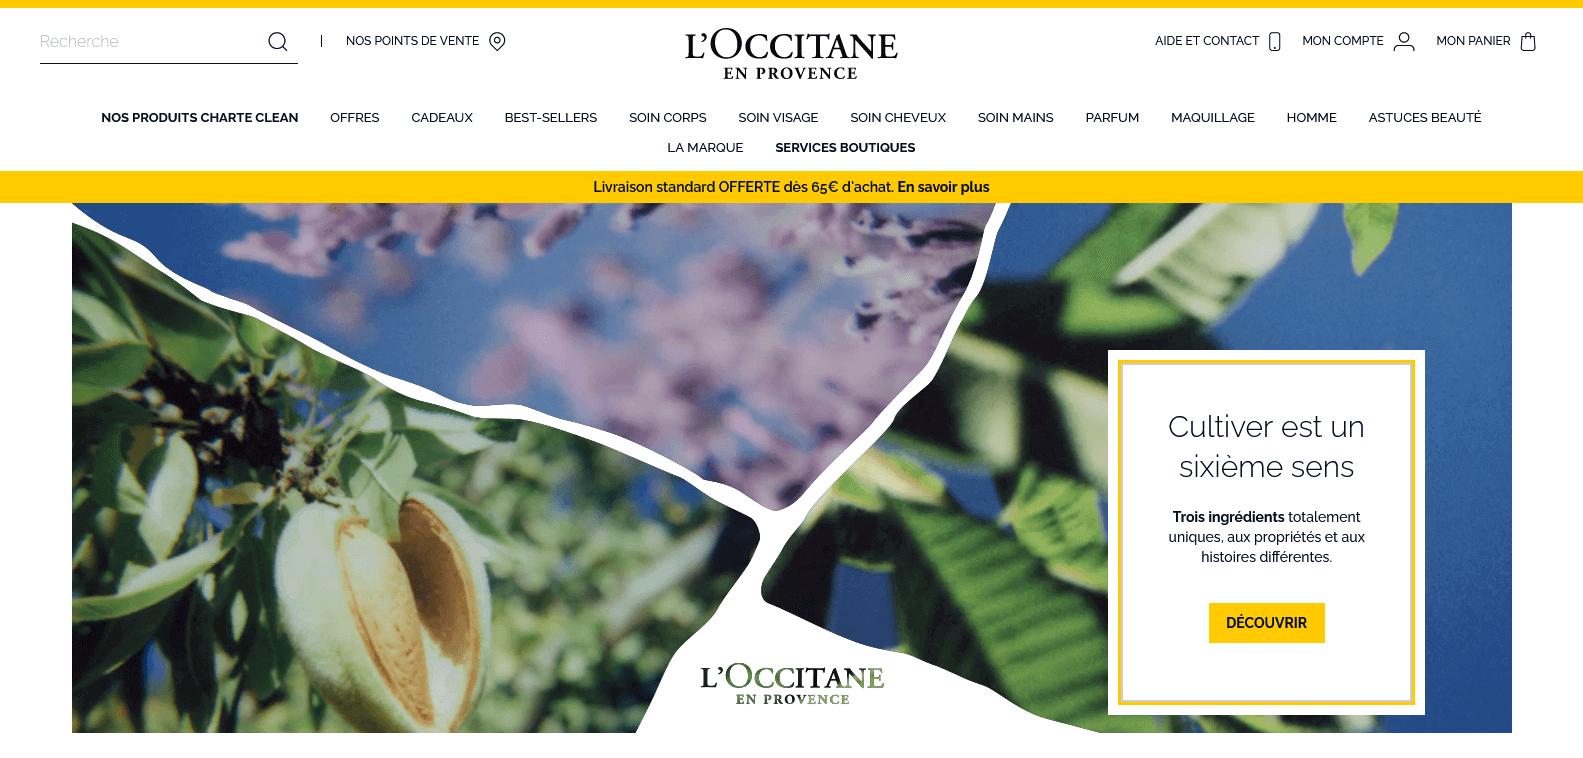 l'occitane en provence exemple design ecommerce beauté